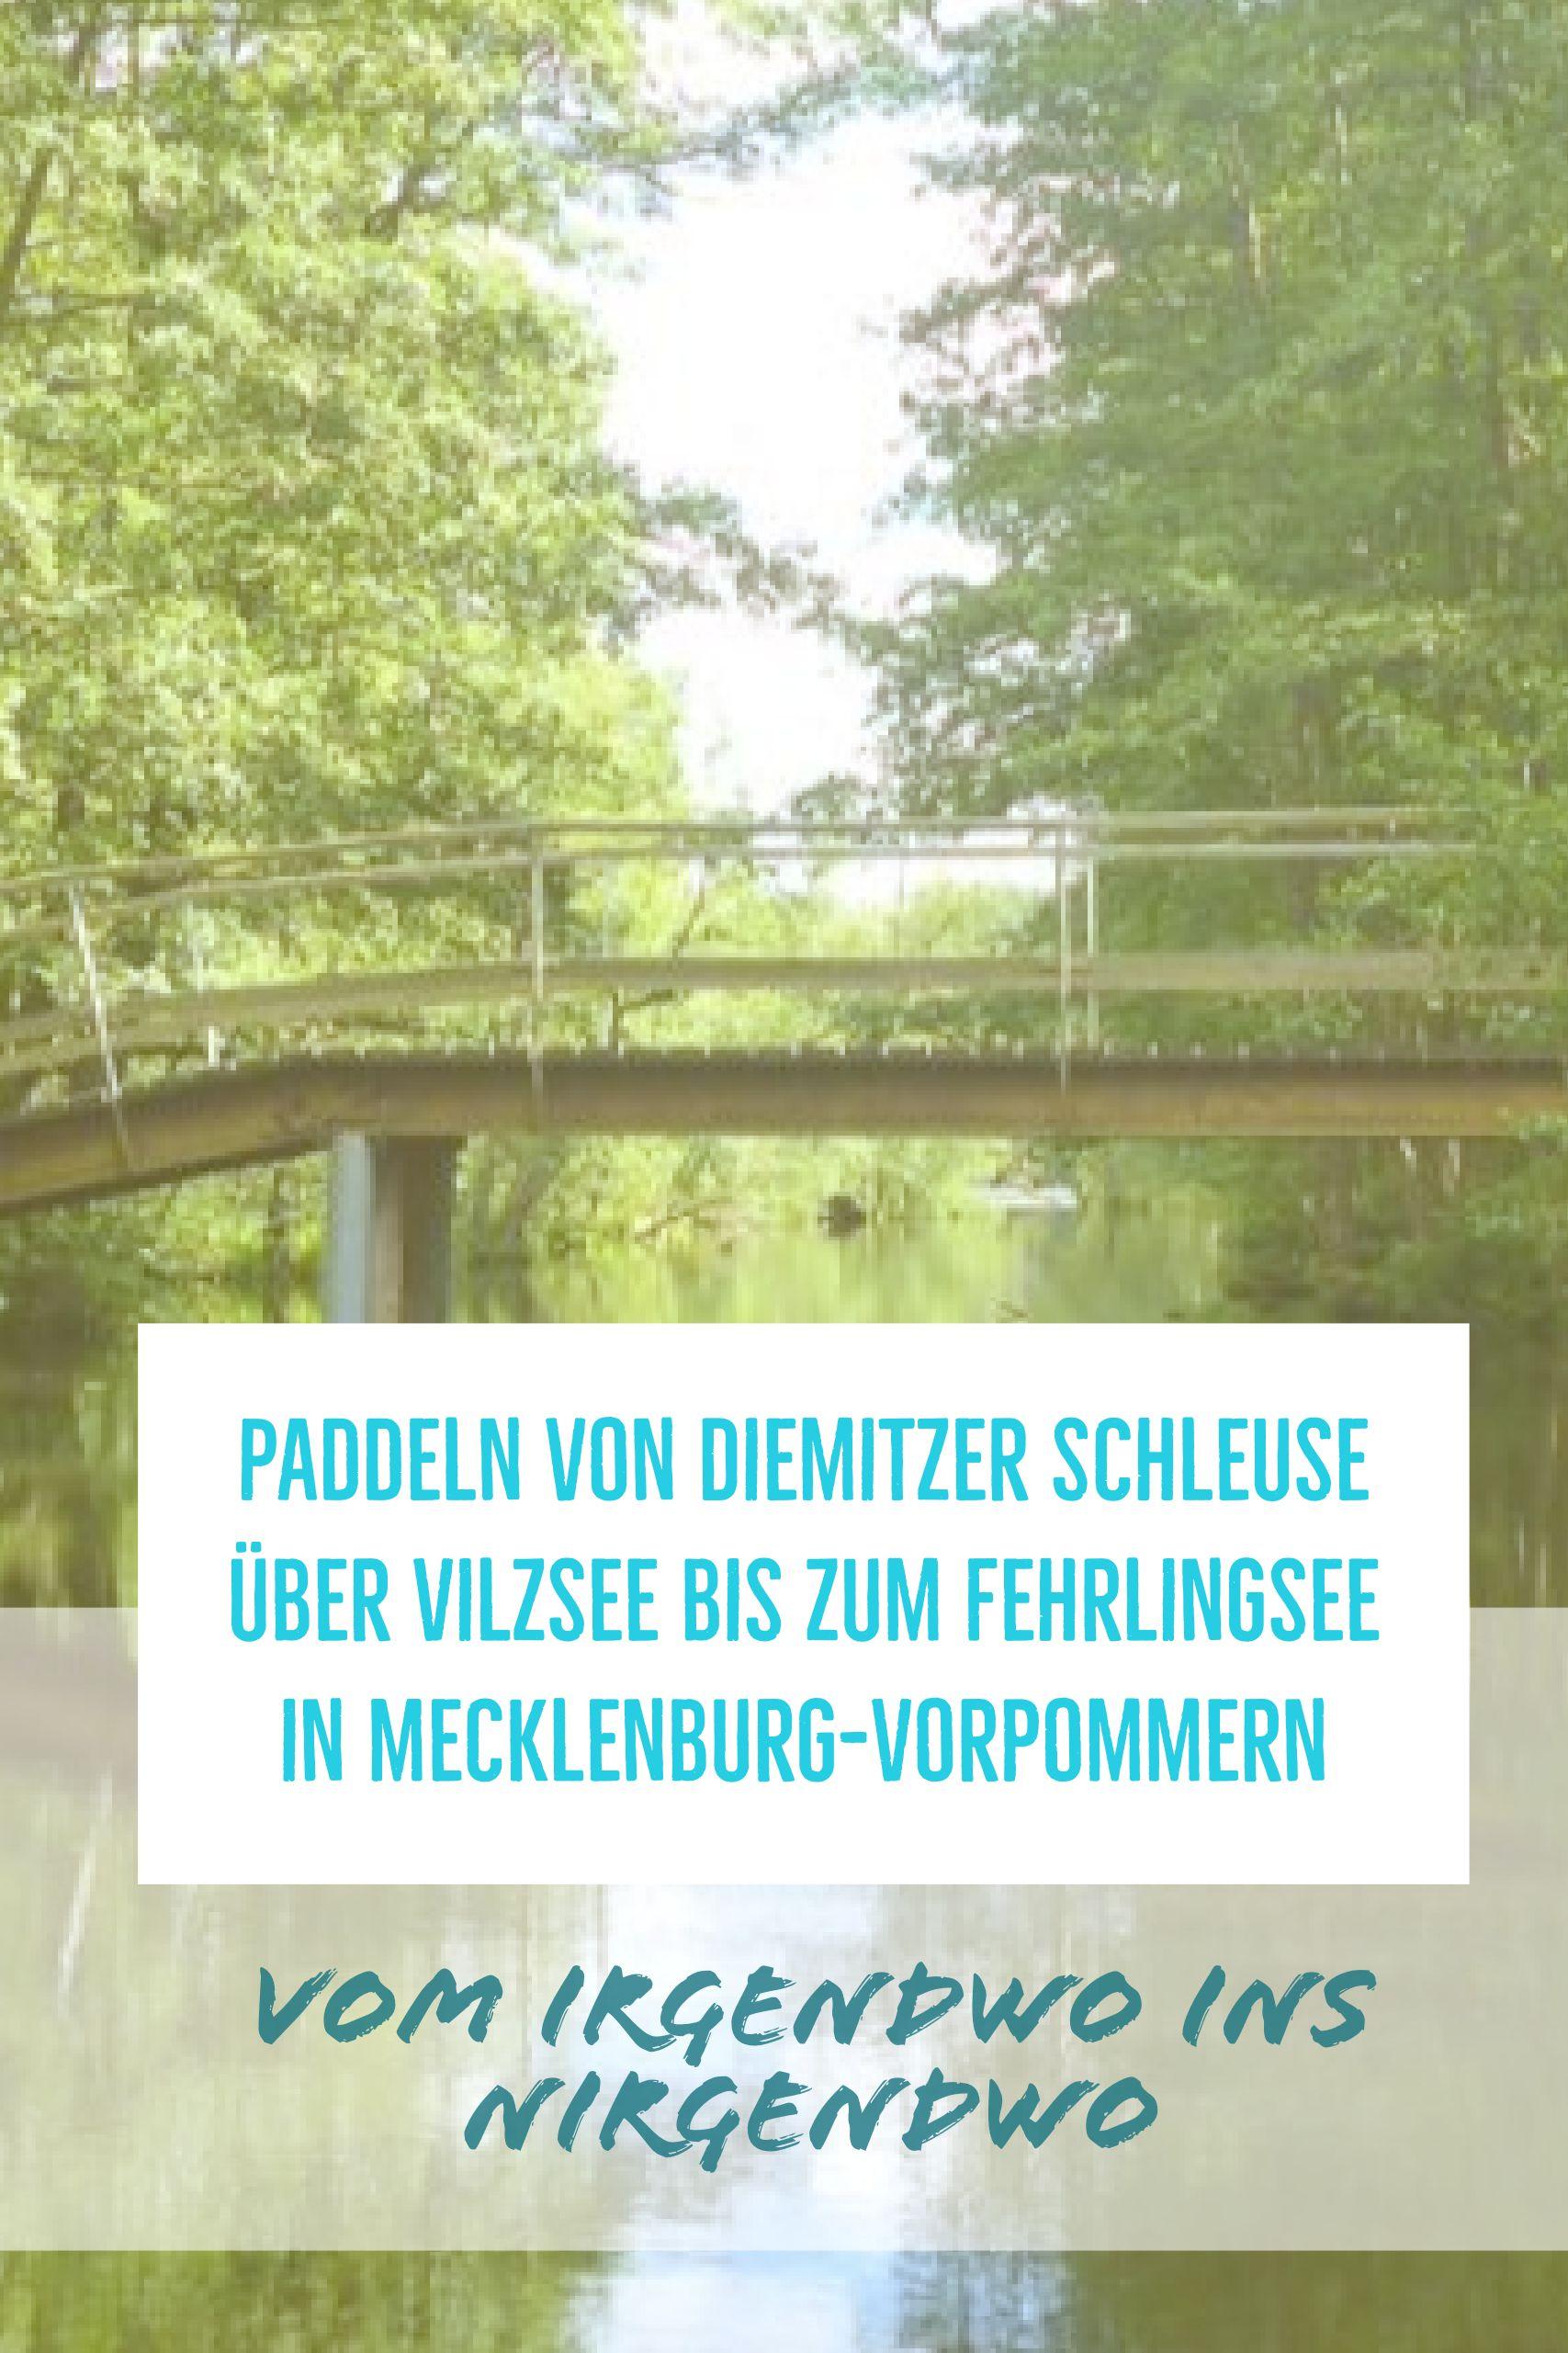 Paddeln Von Diemitzer Schleuse Uber Vilzsee Bis Zum Fehrlingsee In